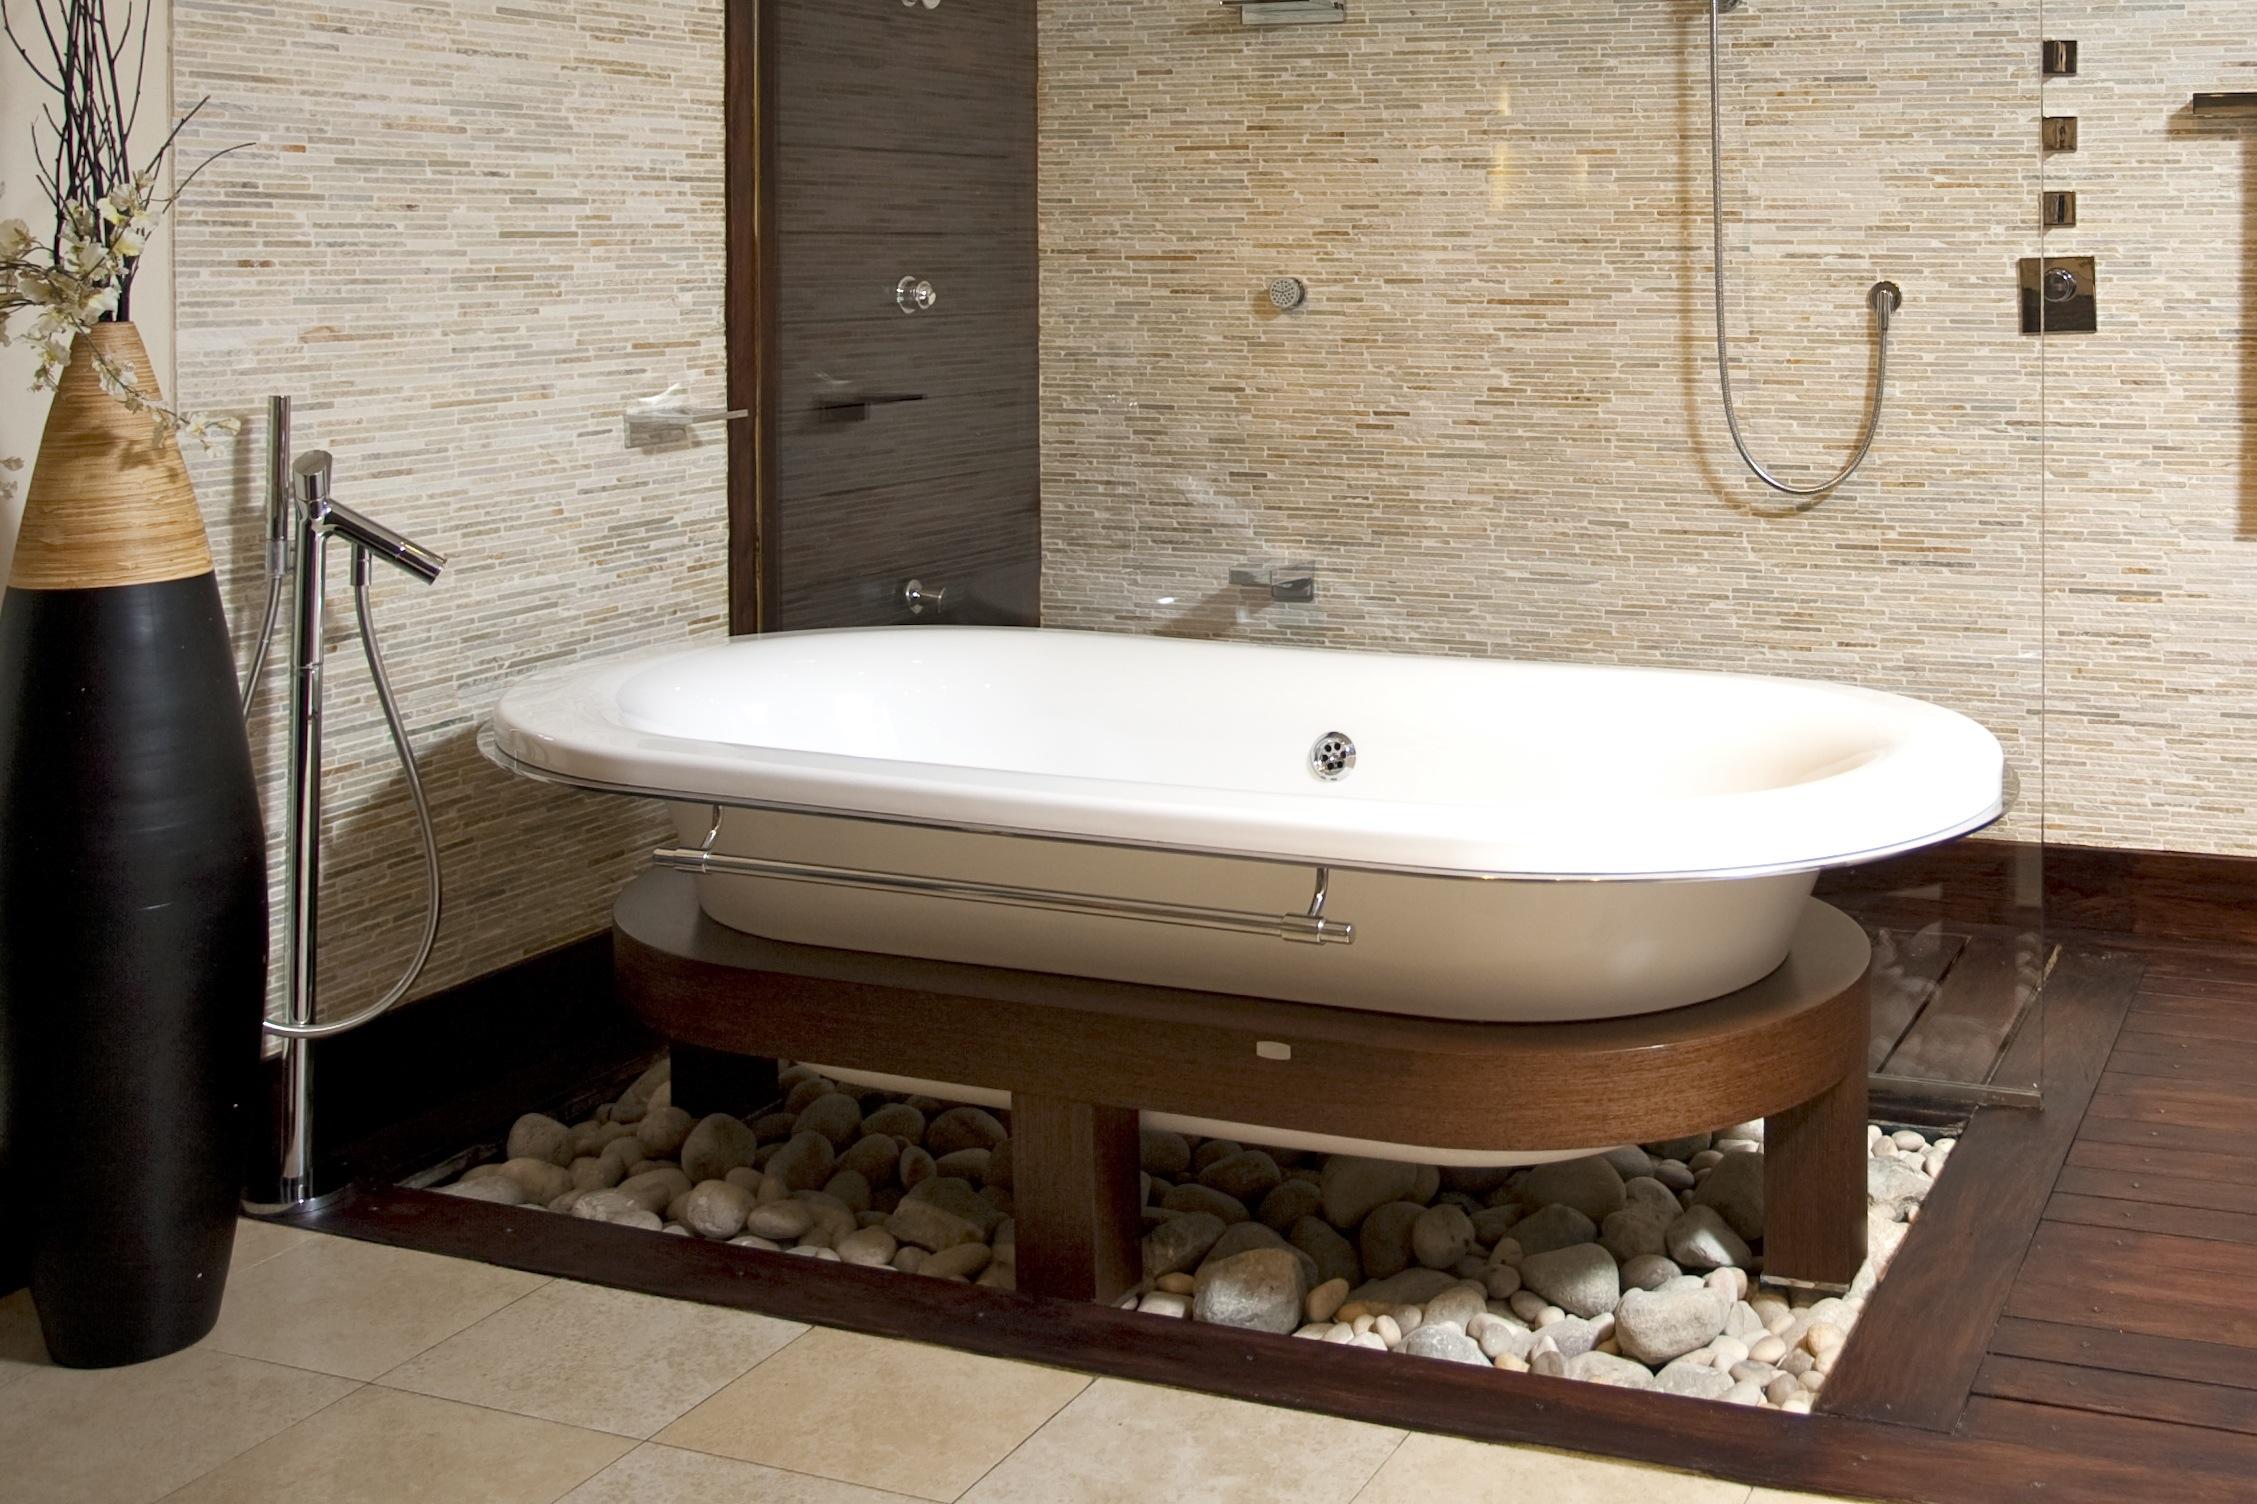 Salle de bain zen décorée avec beaucoup de goût et de matière.